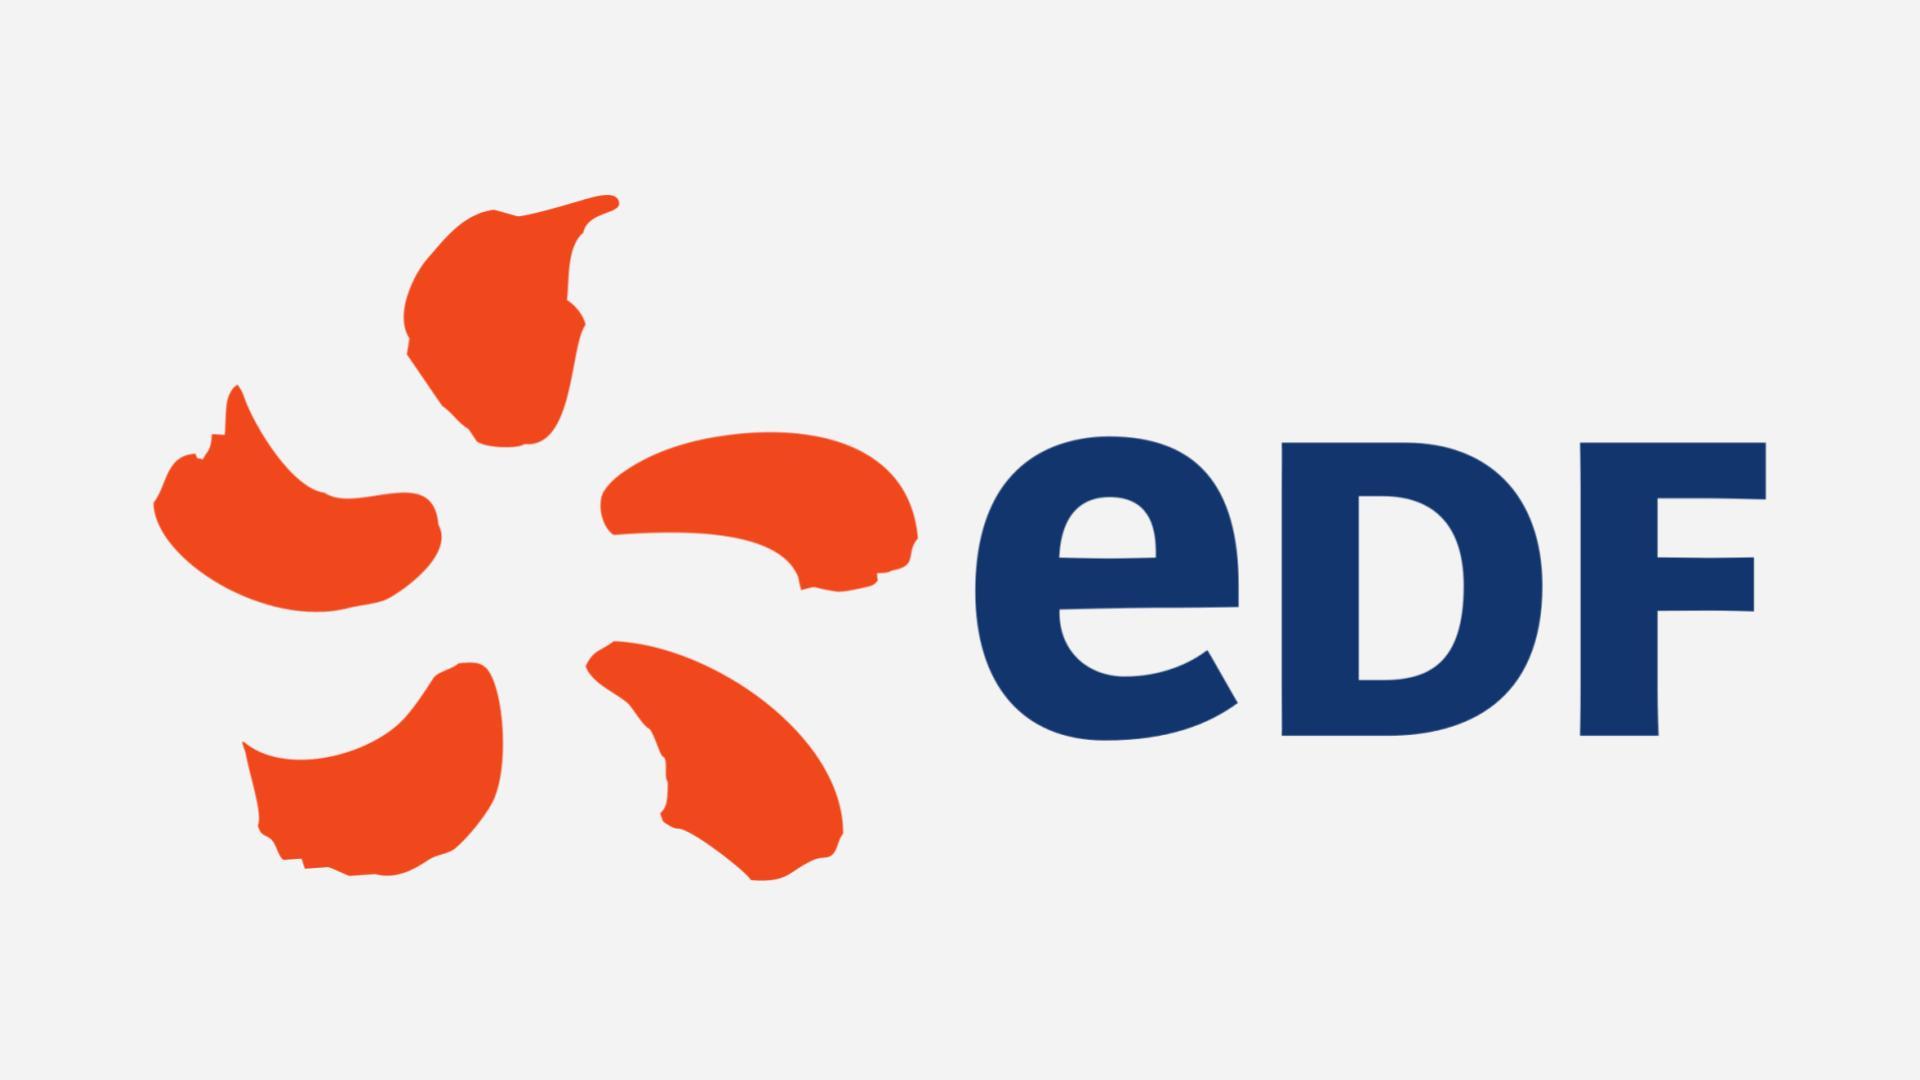 Des pirates veulent voler un bout de votre identité avec ce phishing aux couleurs d'EDF